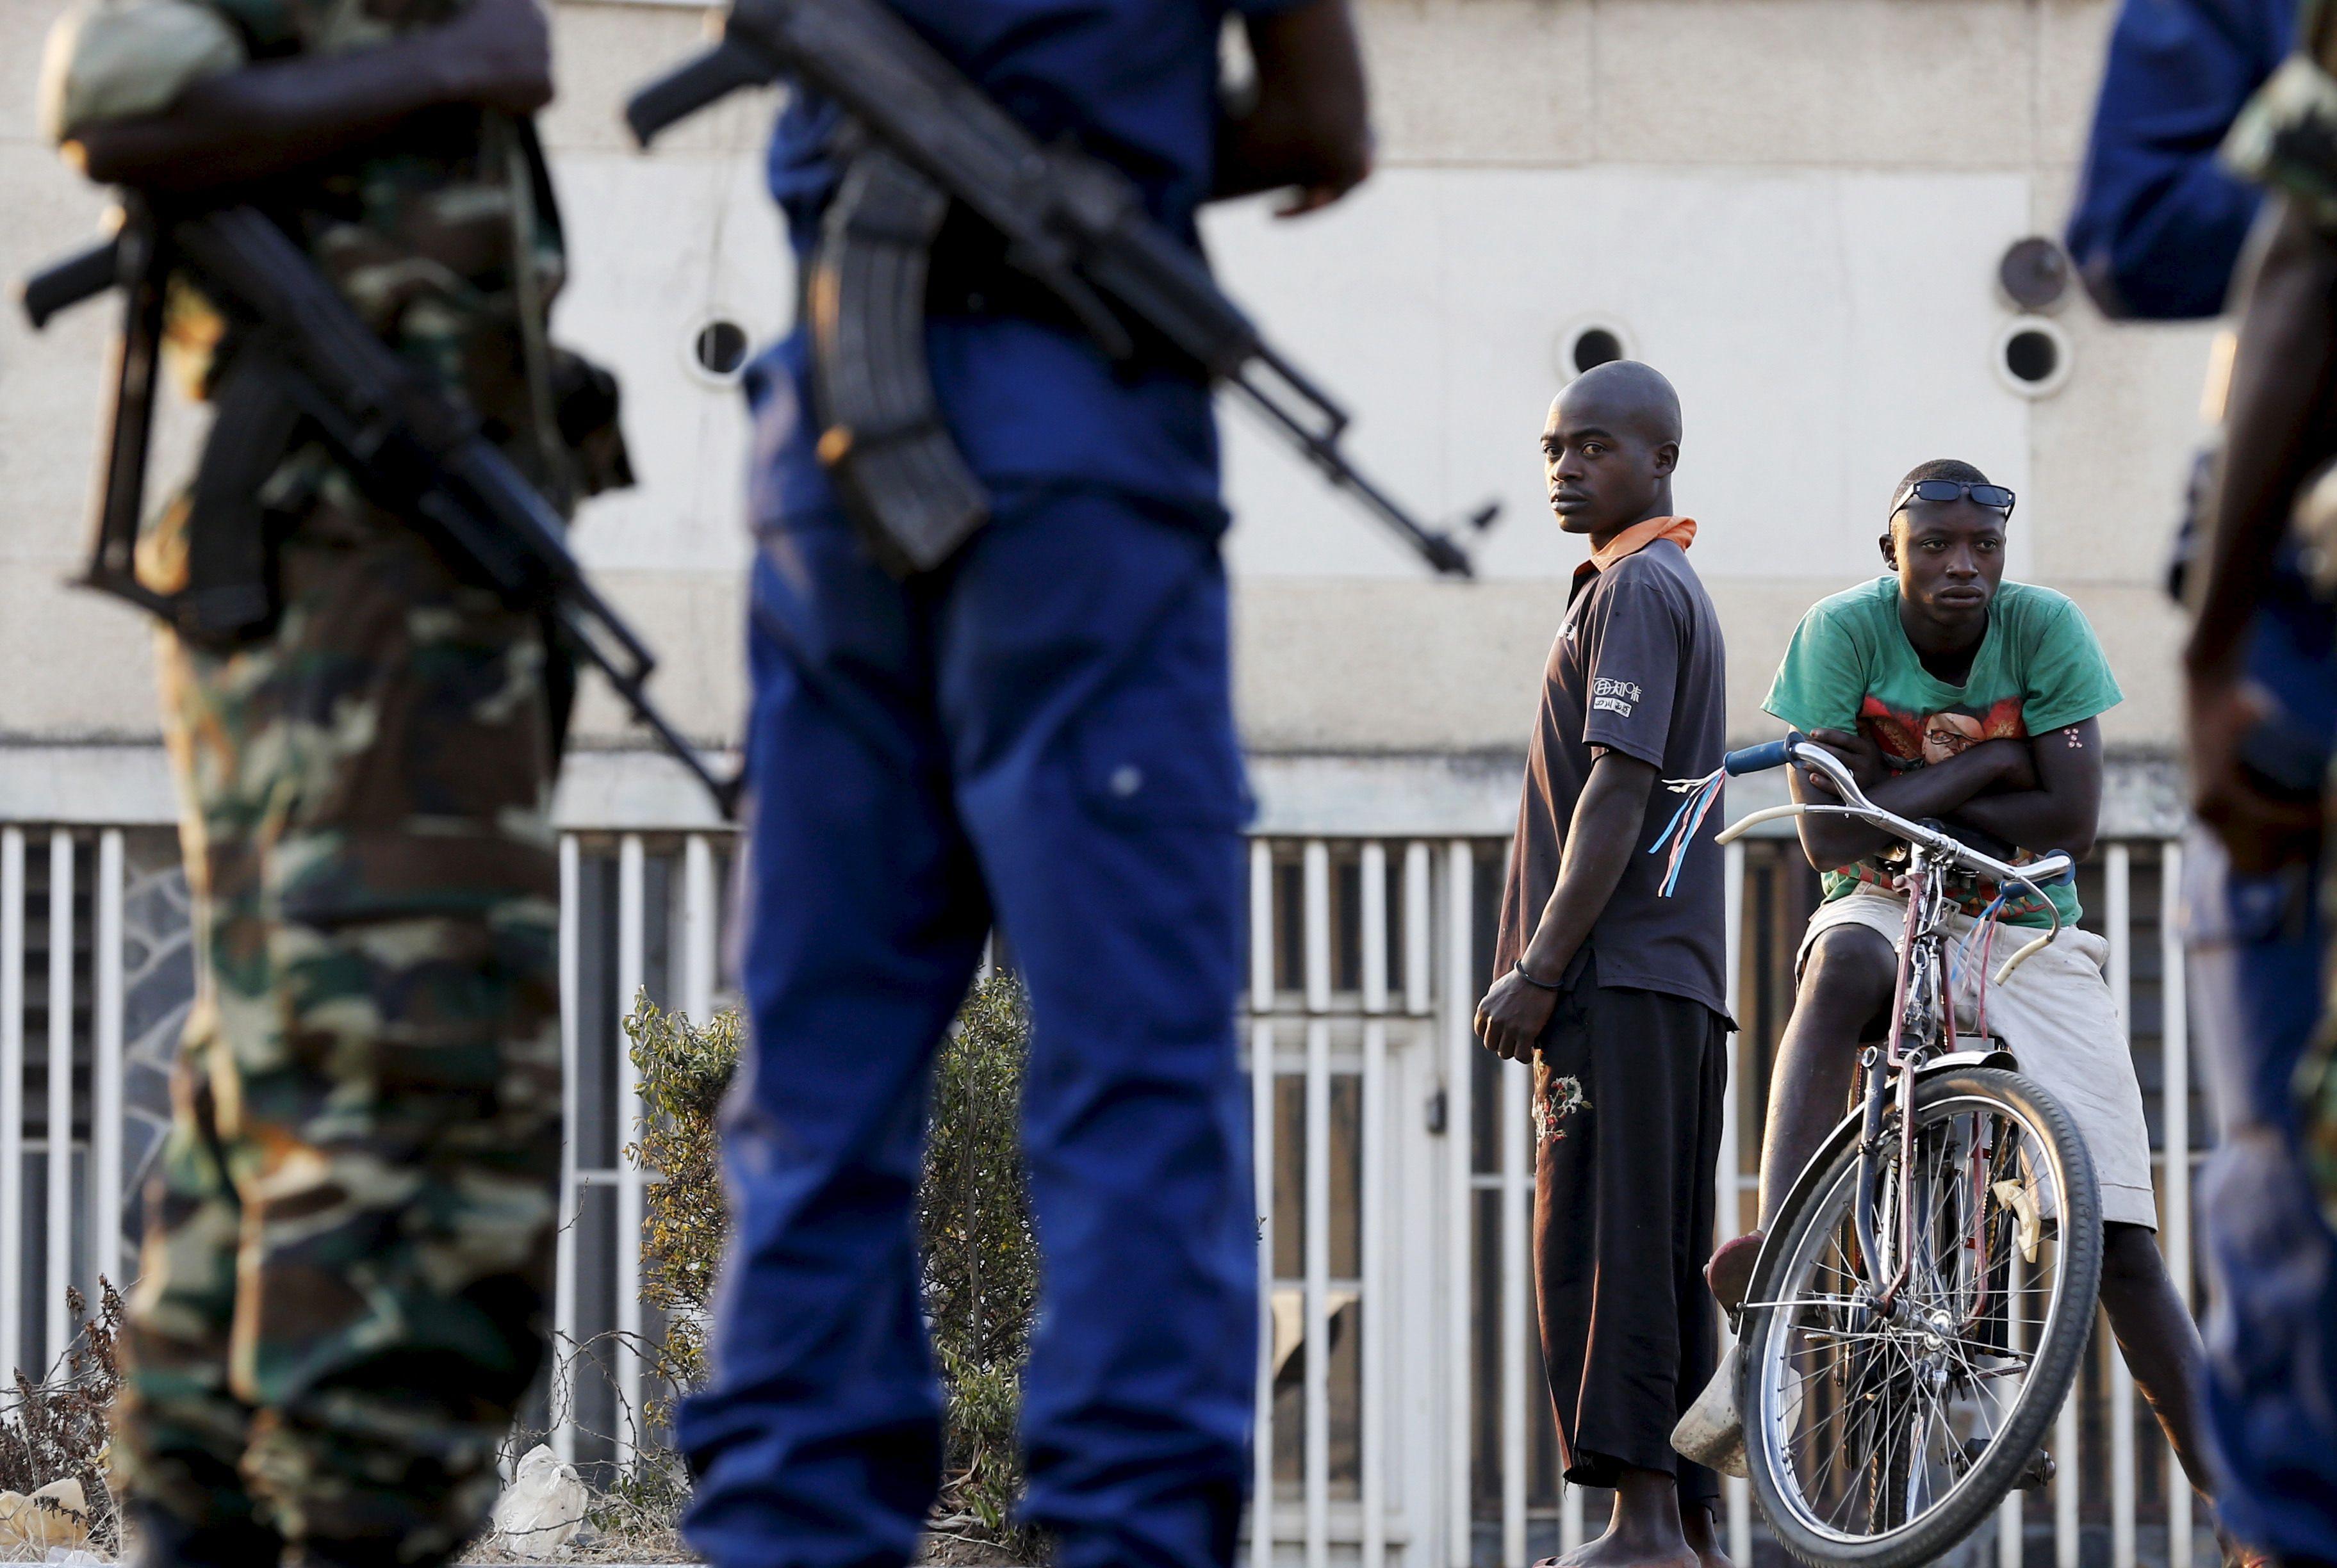 Tueries au Burundi: faut-il craindre le scénario d'un génocide à la rwandaise?